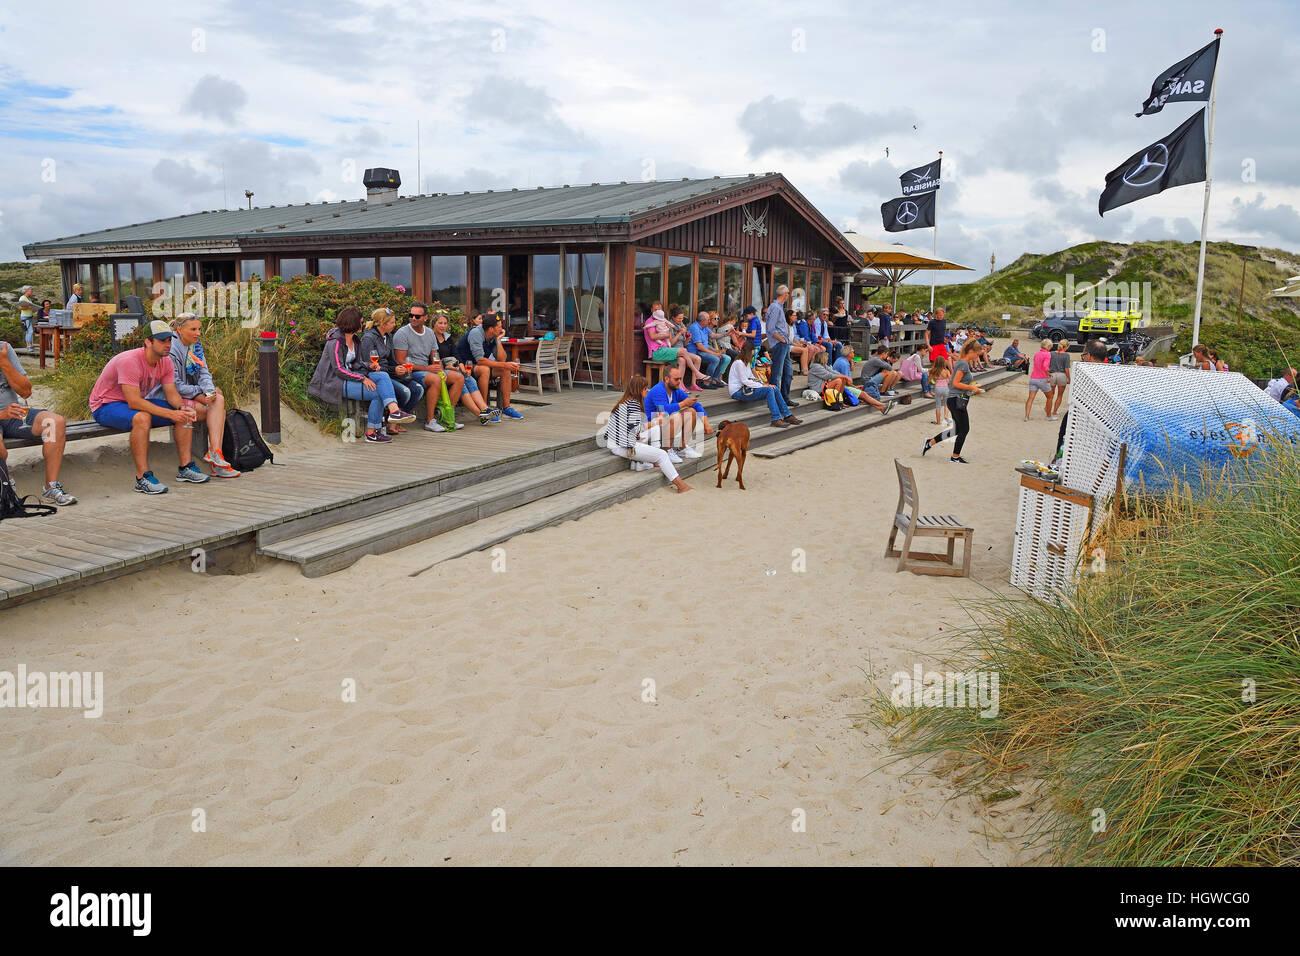 Kultrestaurant Sansibar in den Duenen von Rantum, Sylt, nordfriesische Inseln, Nordfriesland, Schleswig-Holstein, - Stock Image